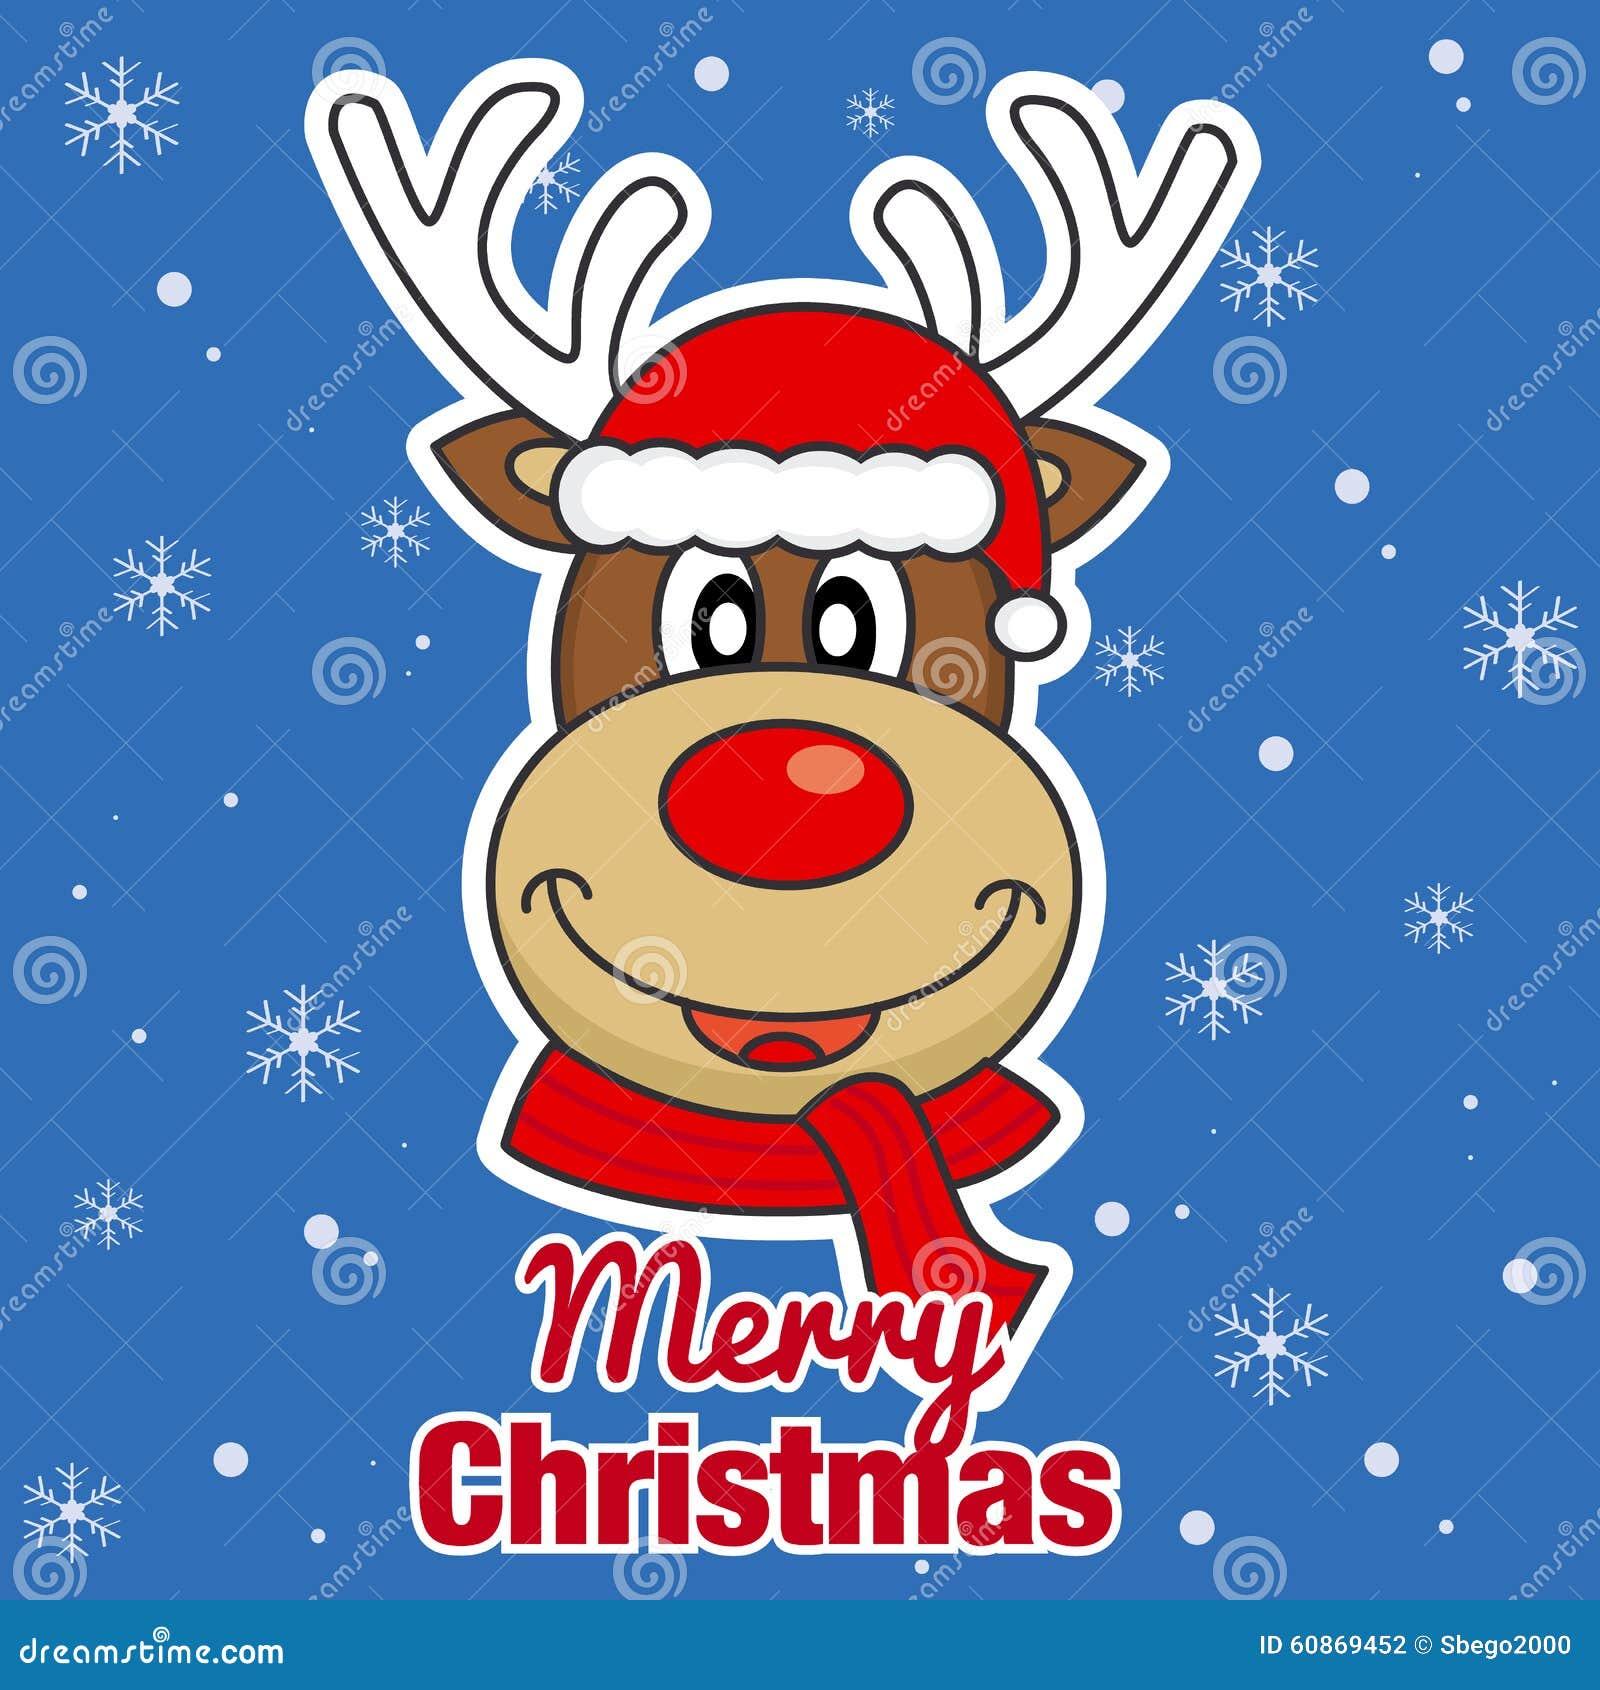 Immagini Natale Renne.Buon Natale Renna Illustrazione Vettoriale Illustrazione Di